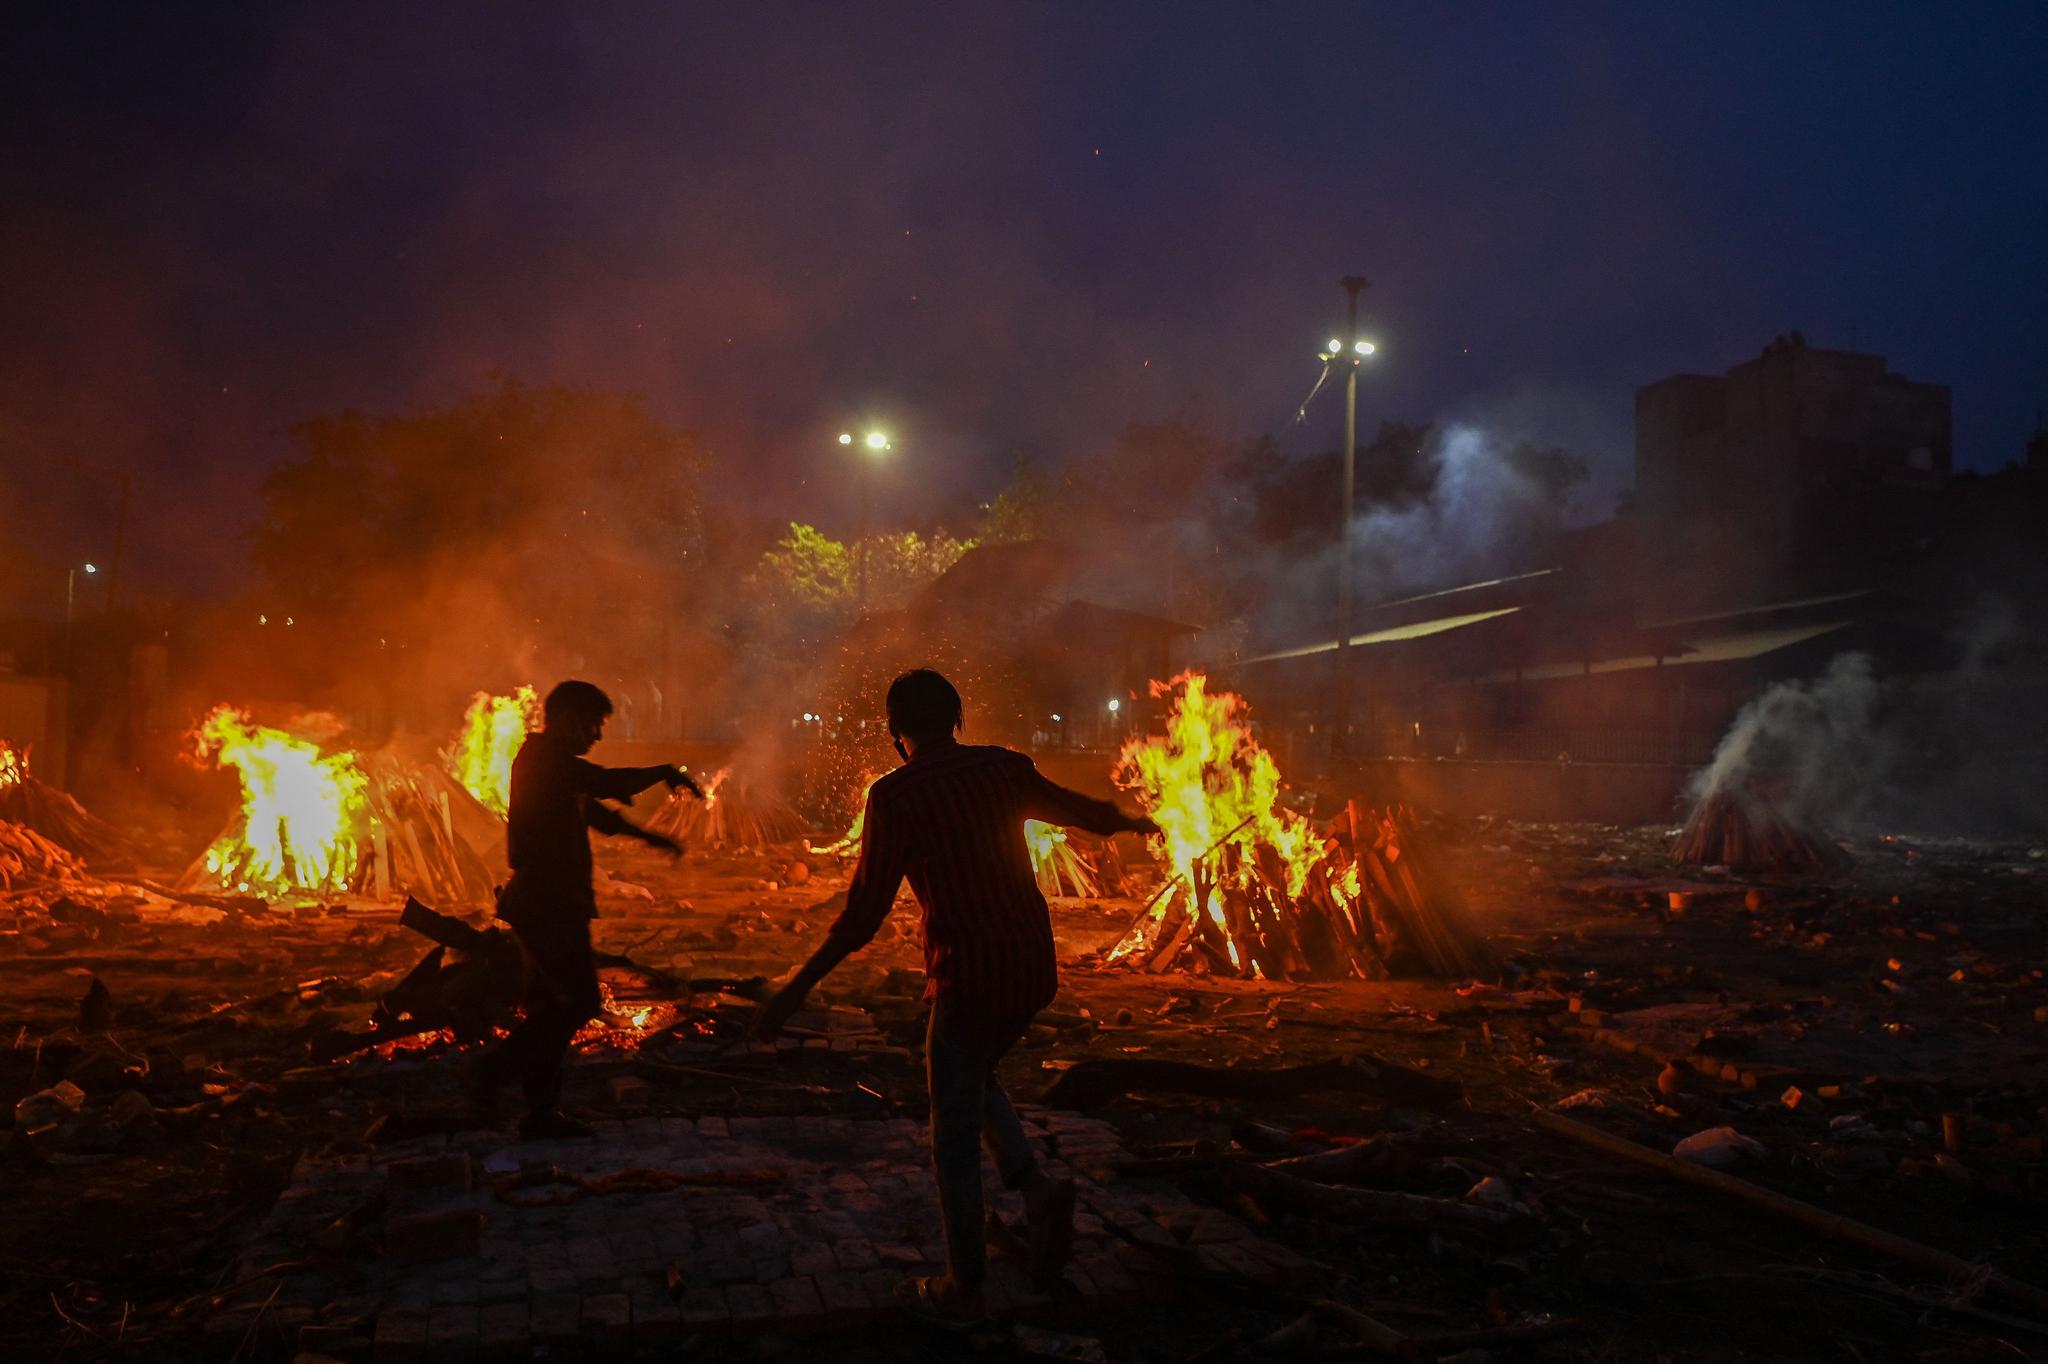 6일(현지시간) 인도 뉴델리의 한 화장장에서 자원봉사자들이 코로나바이러스로 사망한 사람들의 장례를 돕고 있다. AFP